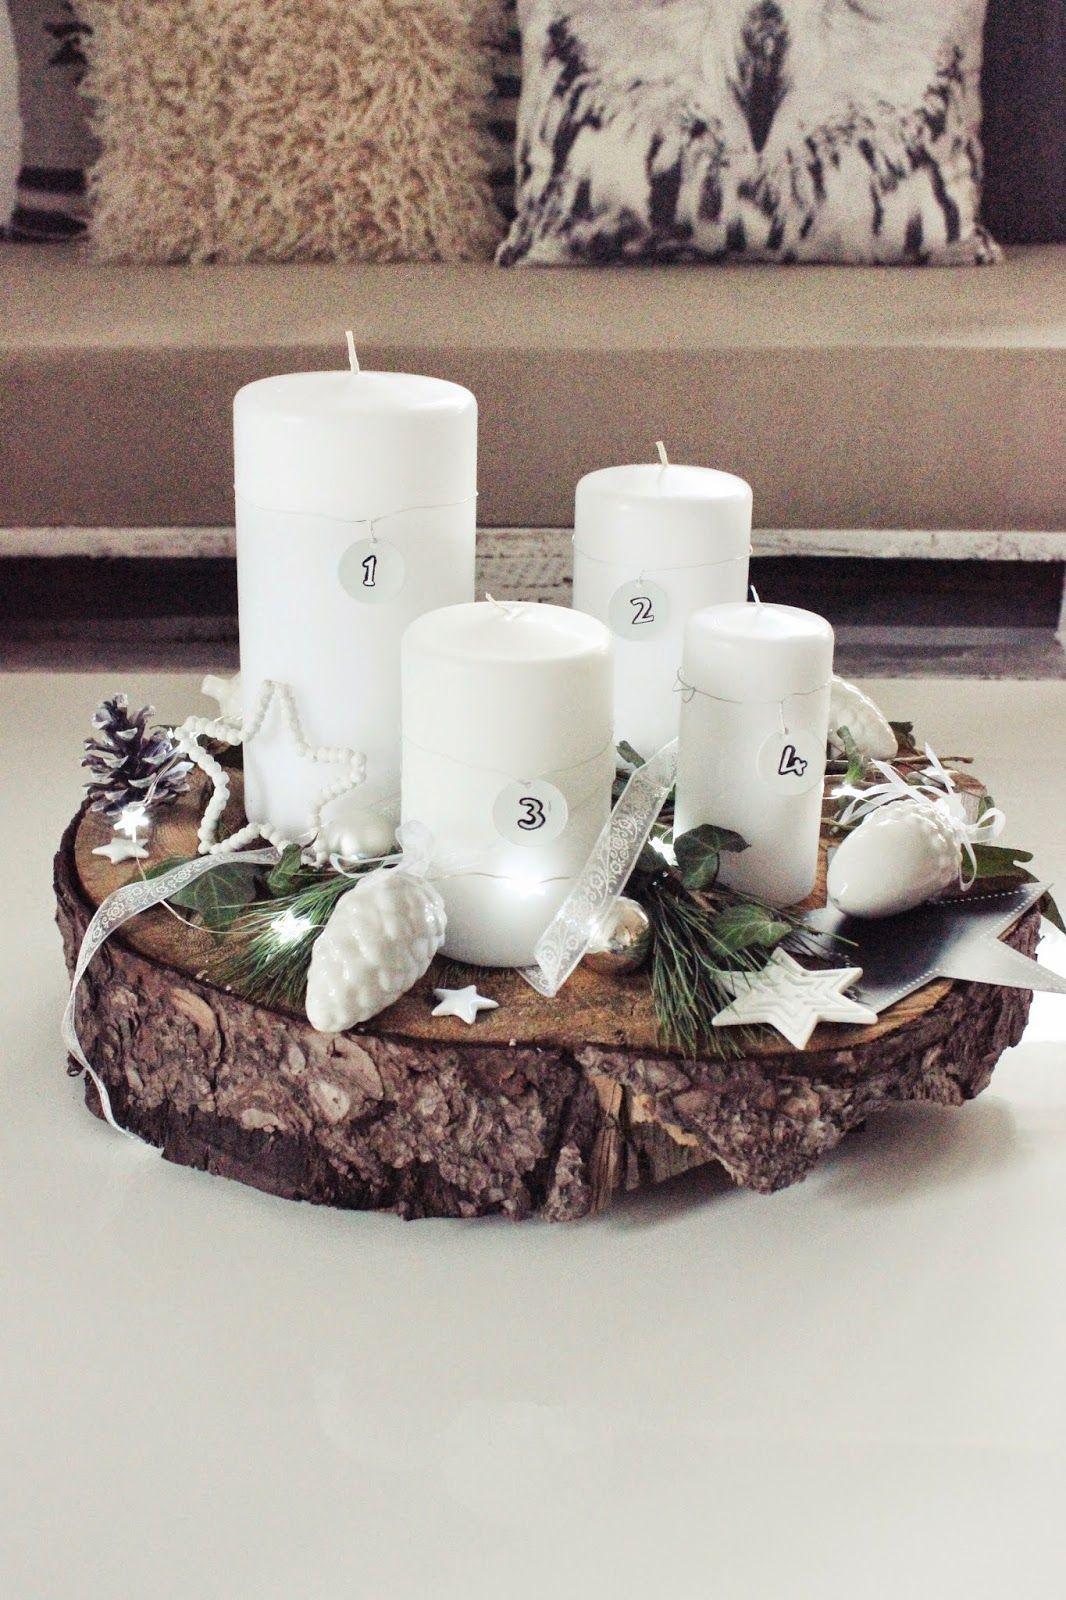 marvelous einfache dekoration und mobel alternativen zum klassischen adventskranz #1: DIY advent wreath - simple but beautiful /// simpler Adventskranz zum  Selbstmachen - einfach. Deko WeihnachtenWeihnachtsmarktWeihnachtlicher ...